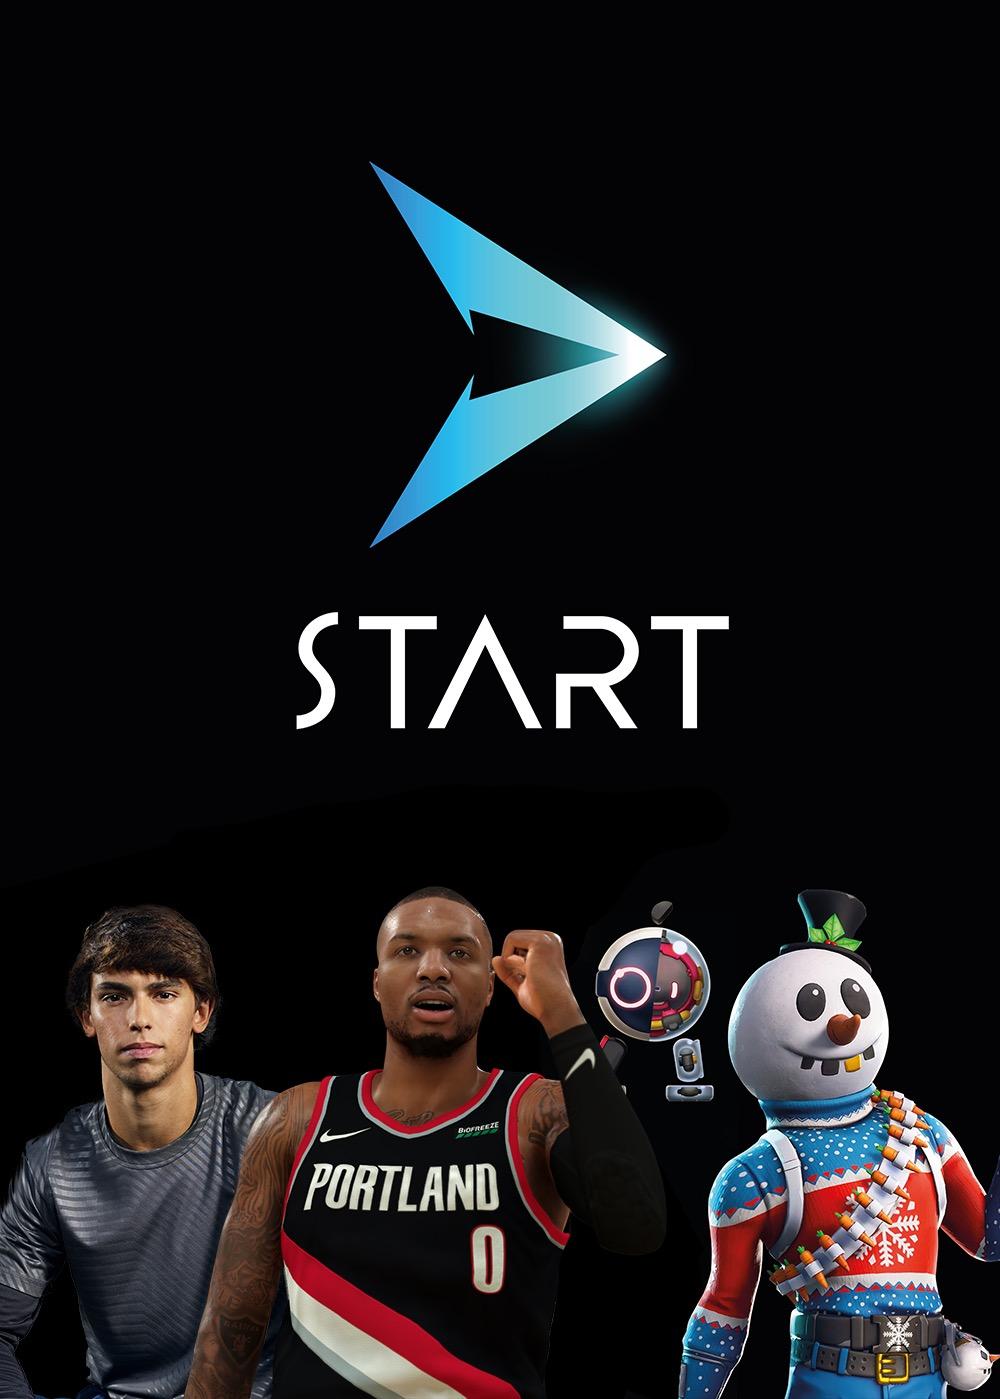 腾讯START云游戏亮相首届北京国际游戏创新大会,让好玩触手可及